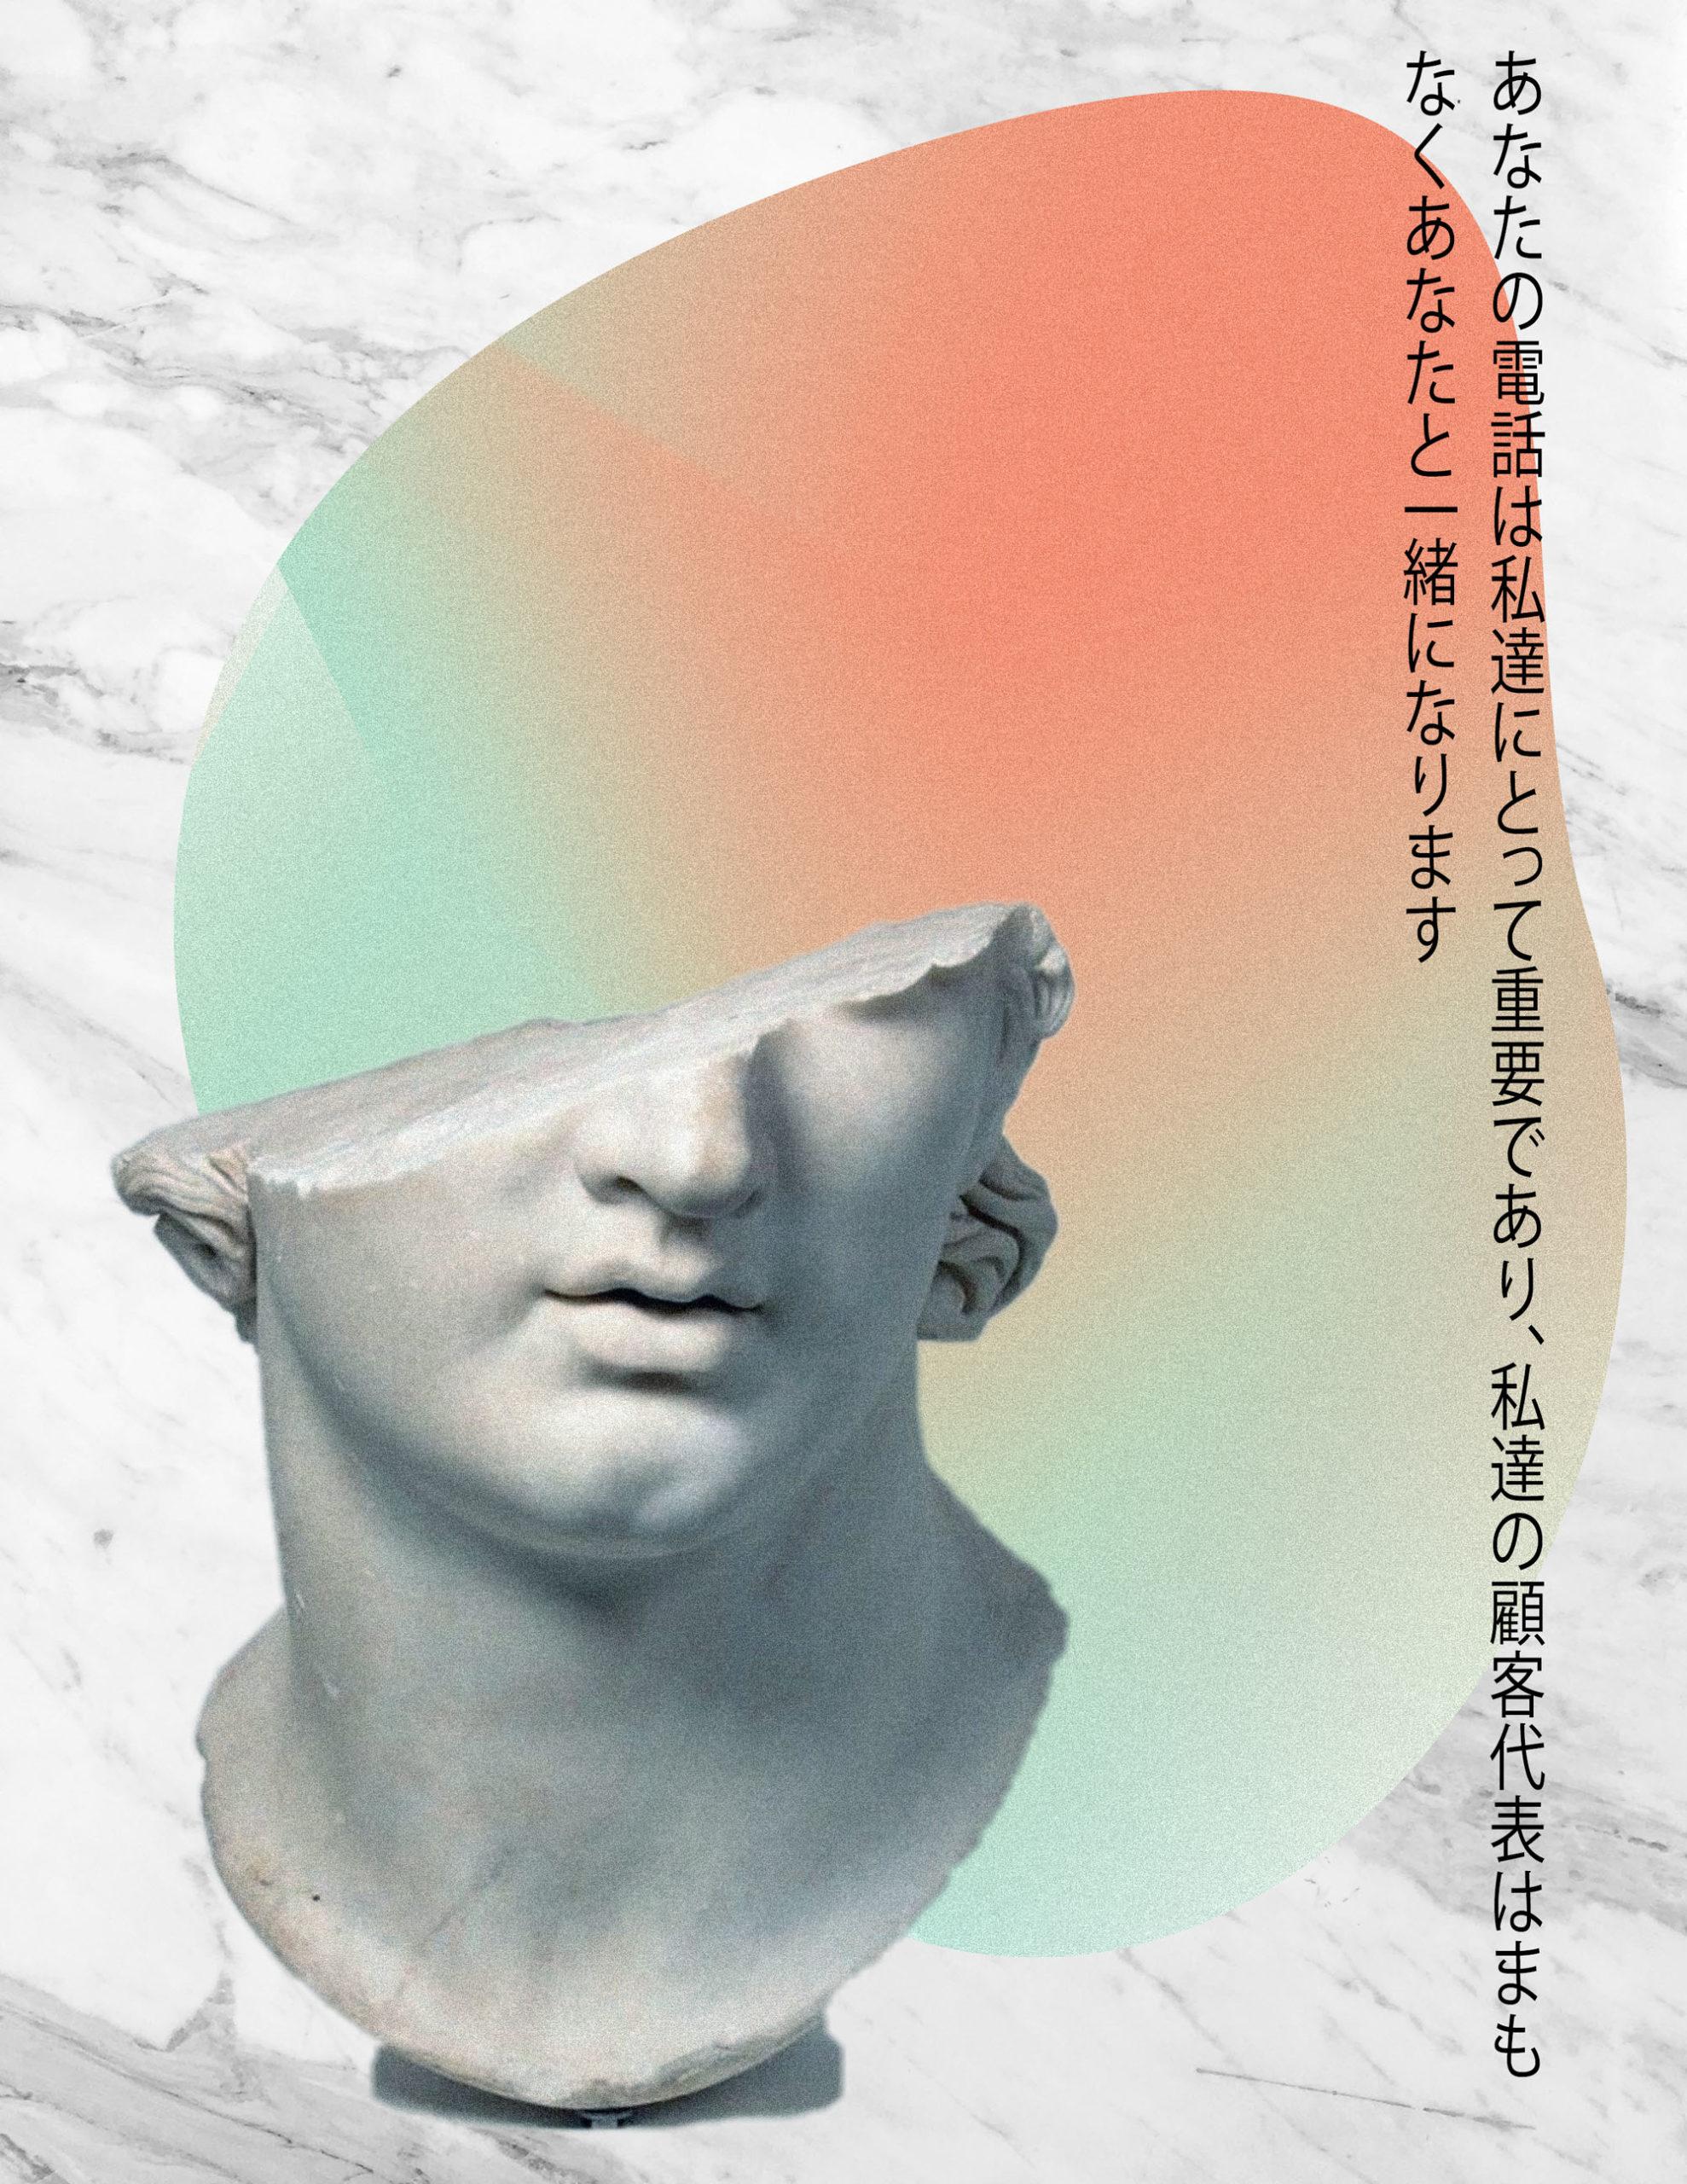 Vaporwave Poster Image